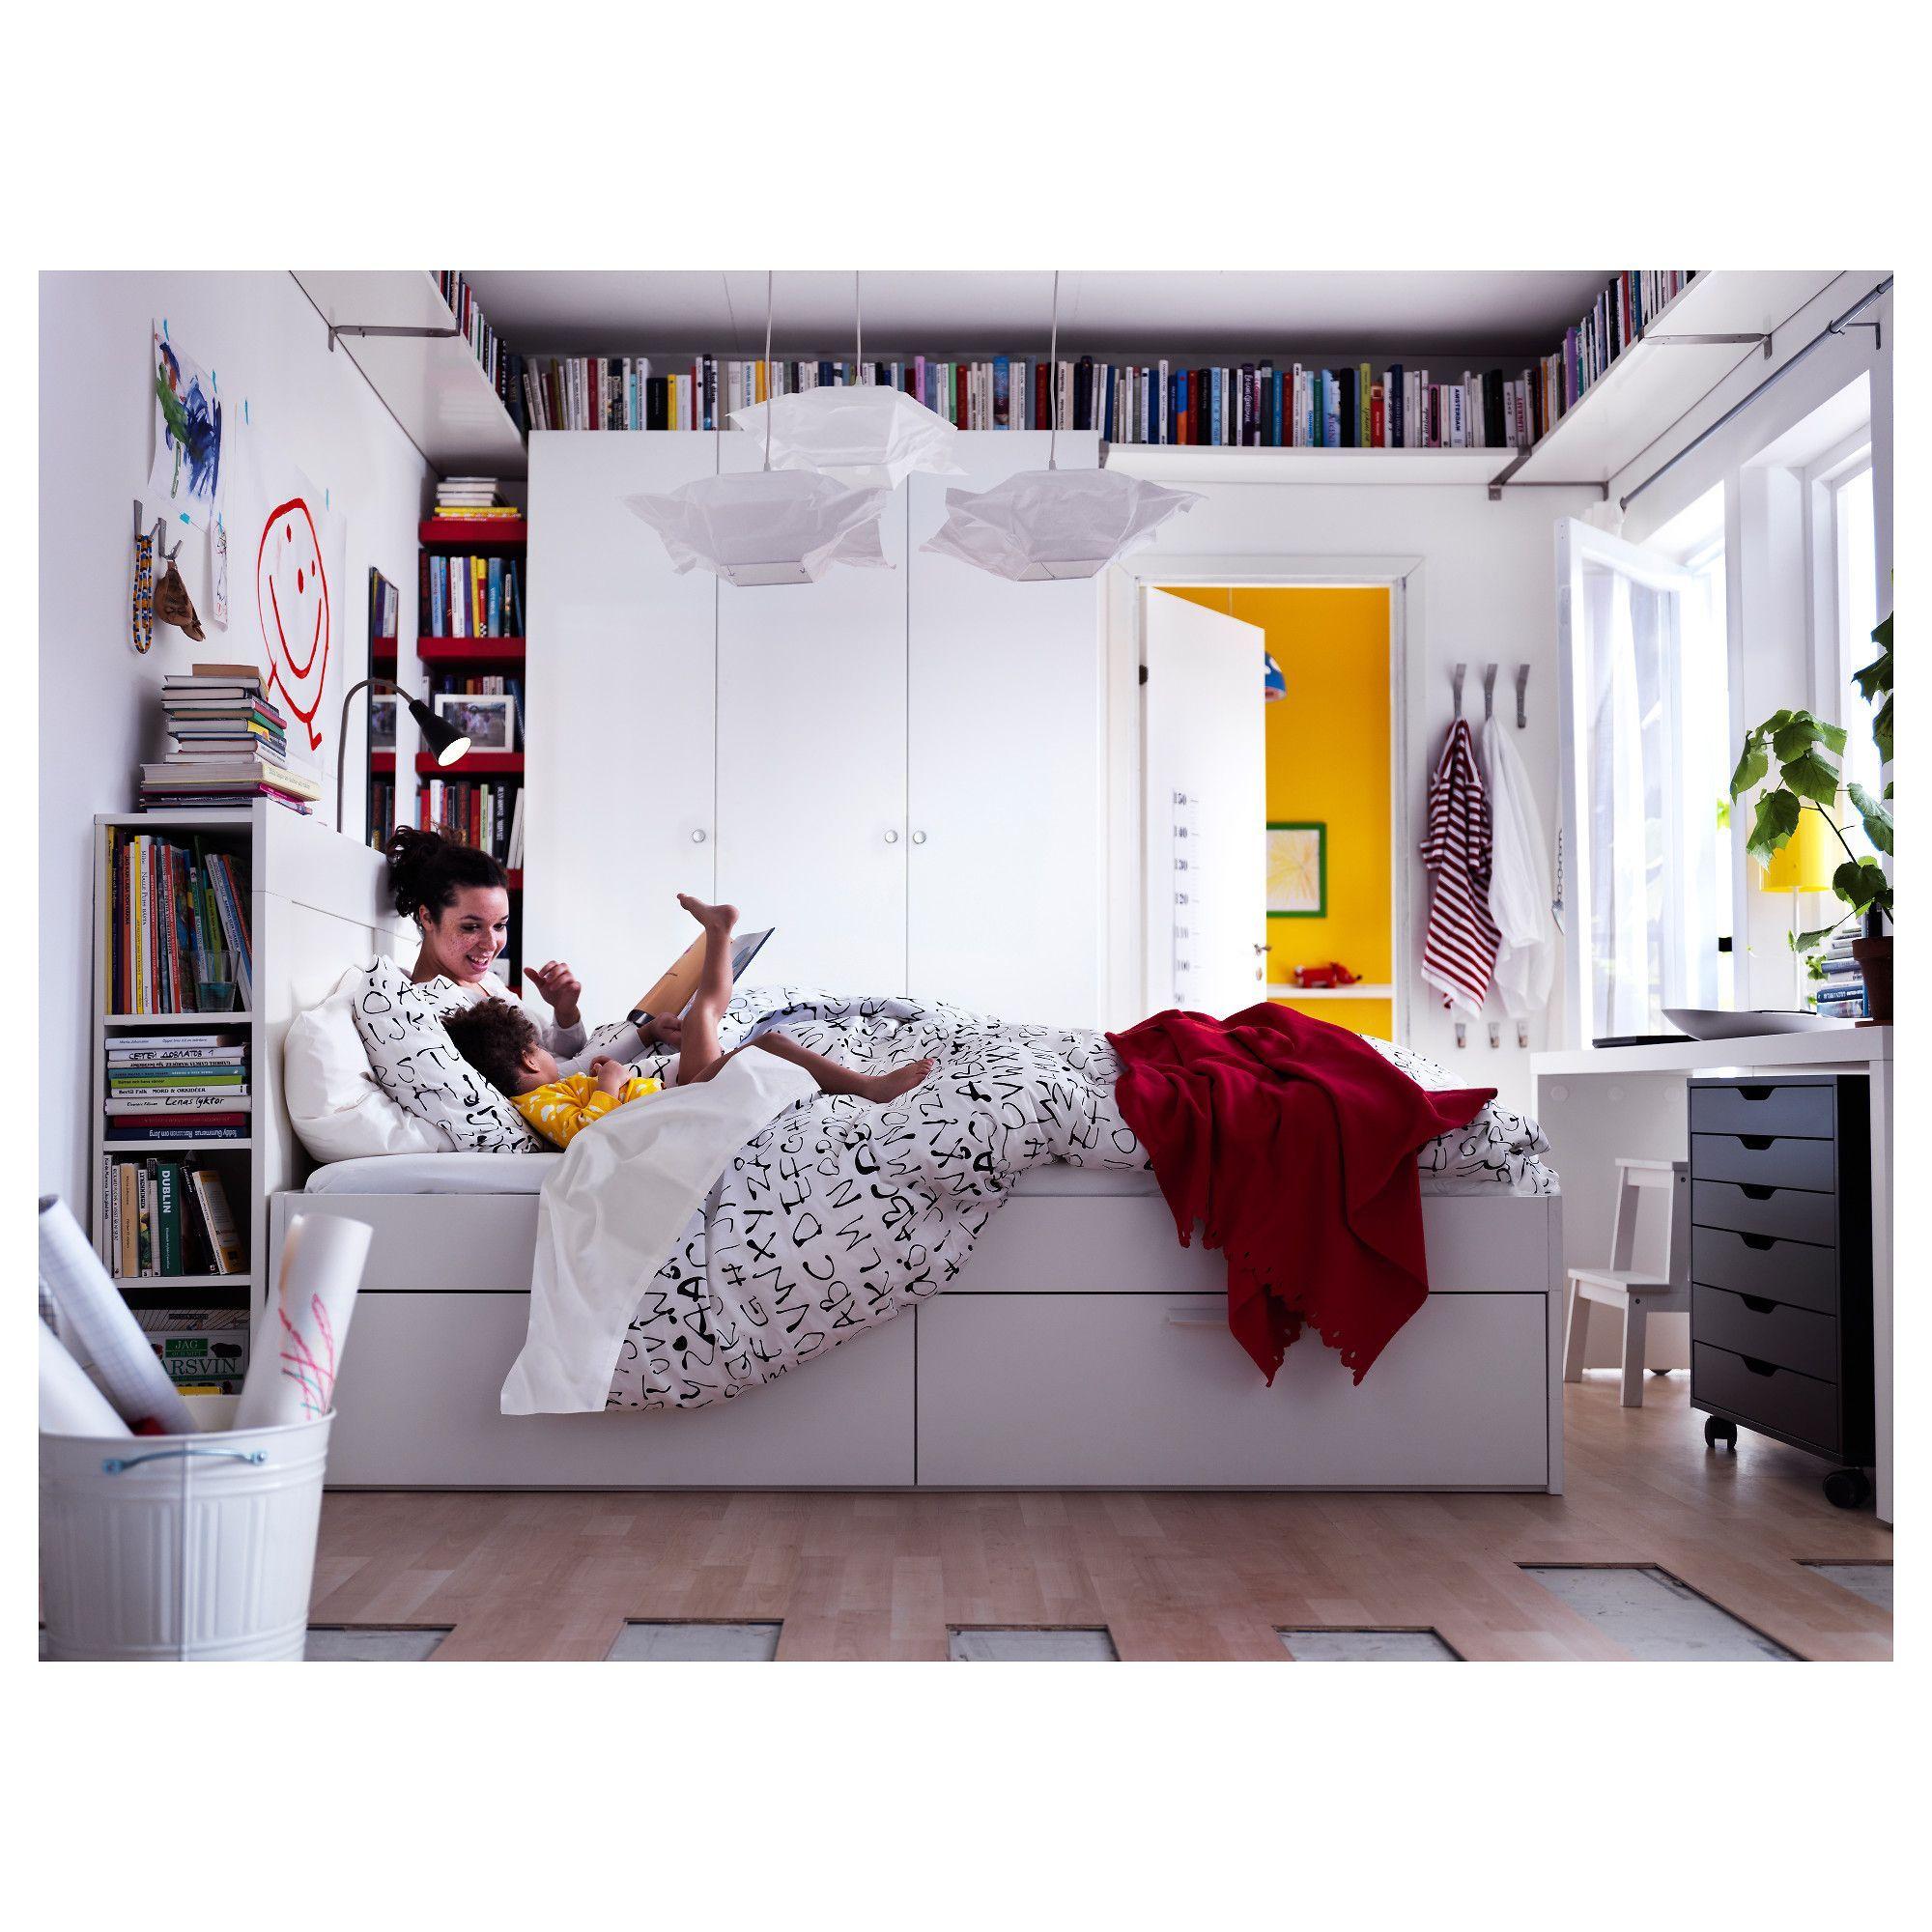 Elegante Ikea Brimnes Kopfteil Von Ikea Brimnes Kopfteil Mit Ablage Fach Weiss In Stanley Kopfteil Ikea Kopfteil Design